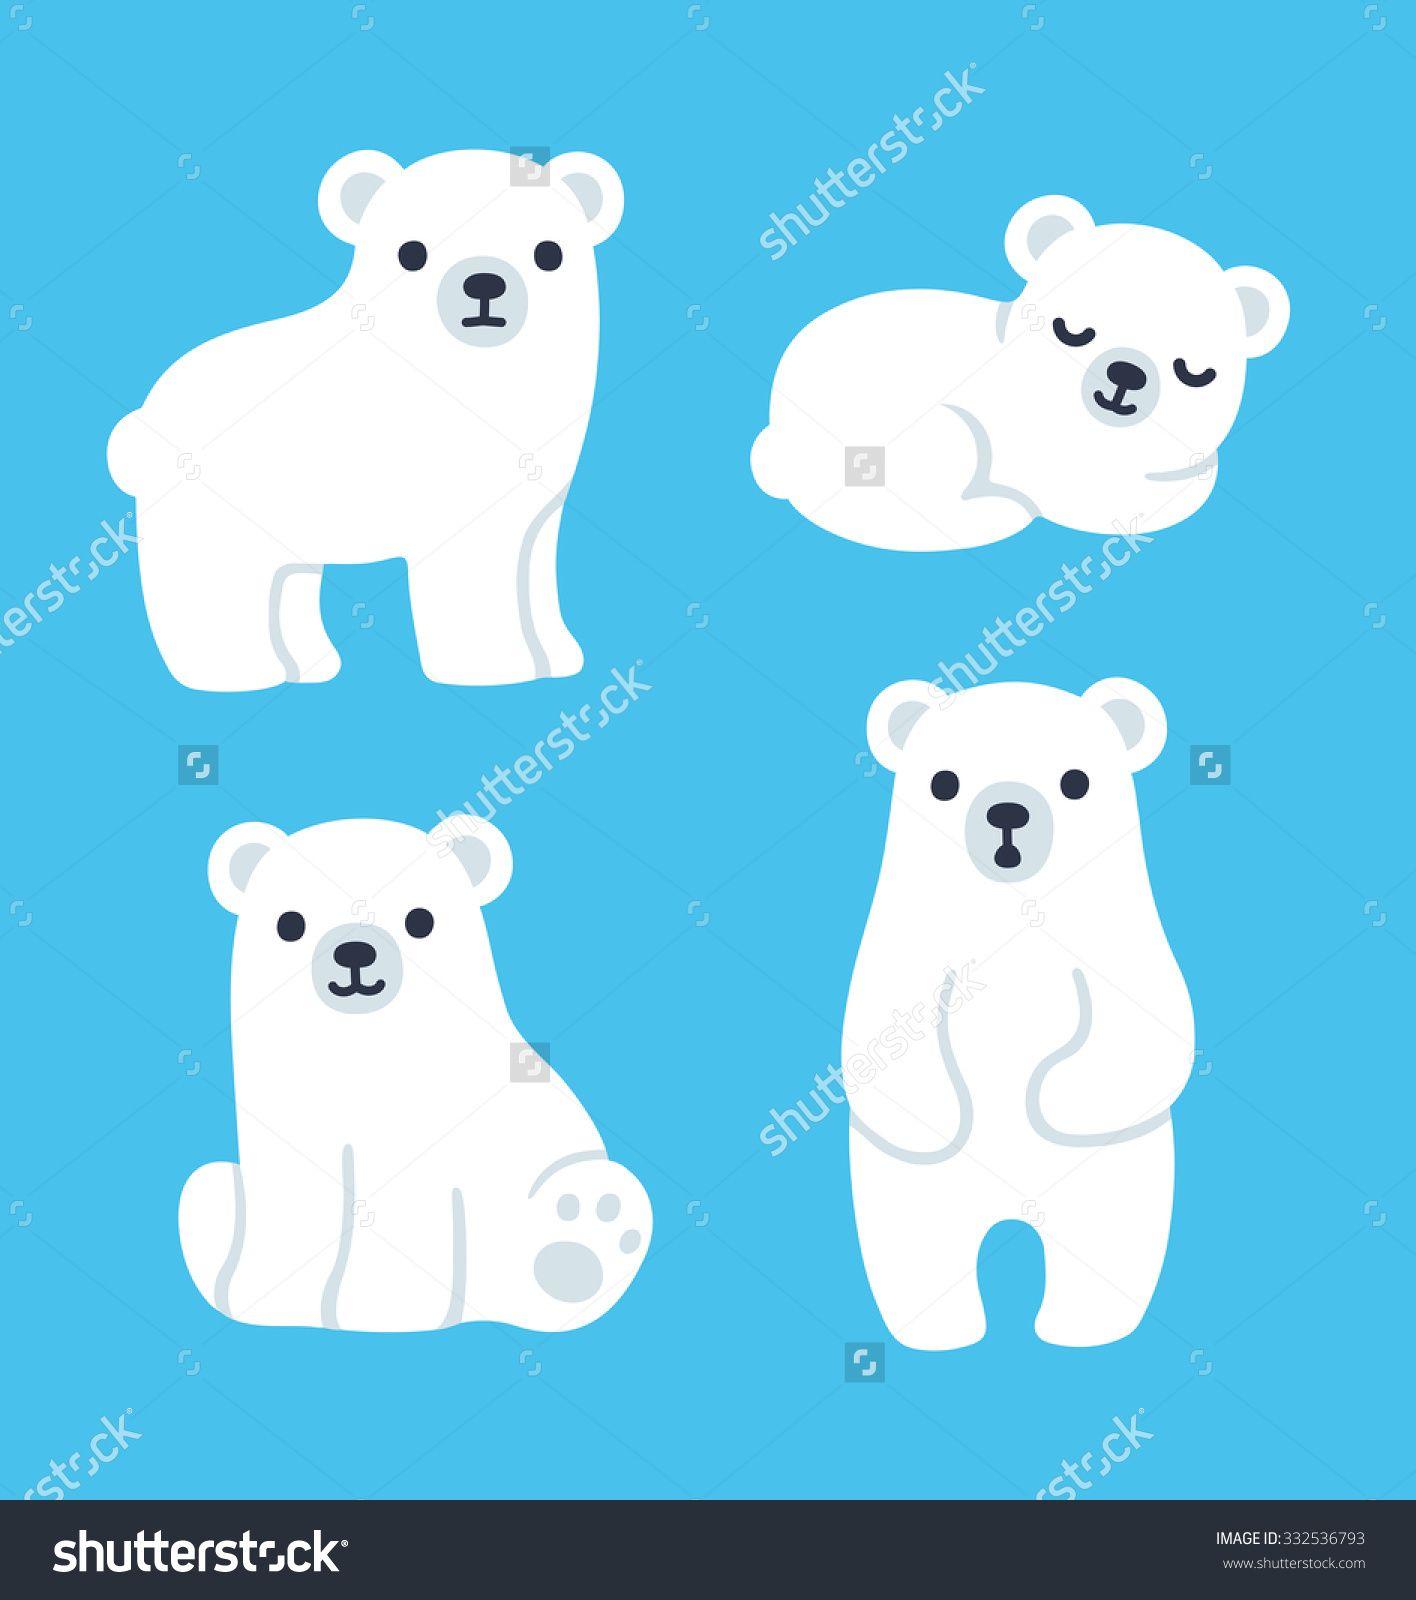 Cute Cartoon Polar Bear Cubs Collection Simple Modern Style Vector Illustration Polar Bear Drawing Polar Bear Illustration Polar Bear Paint